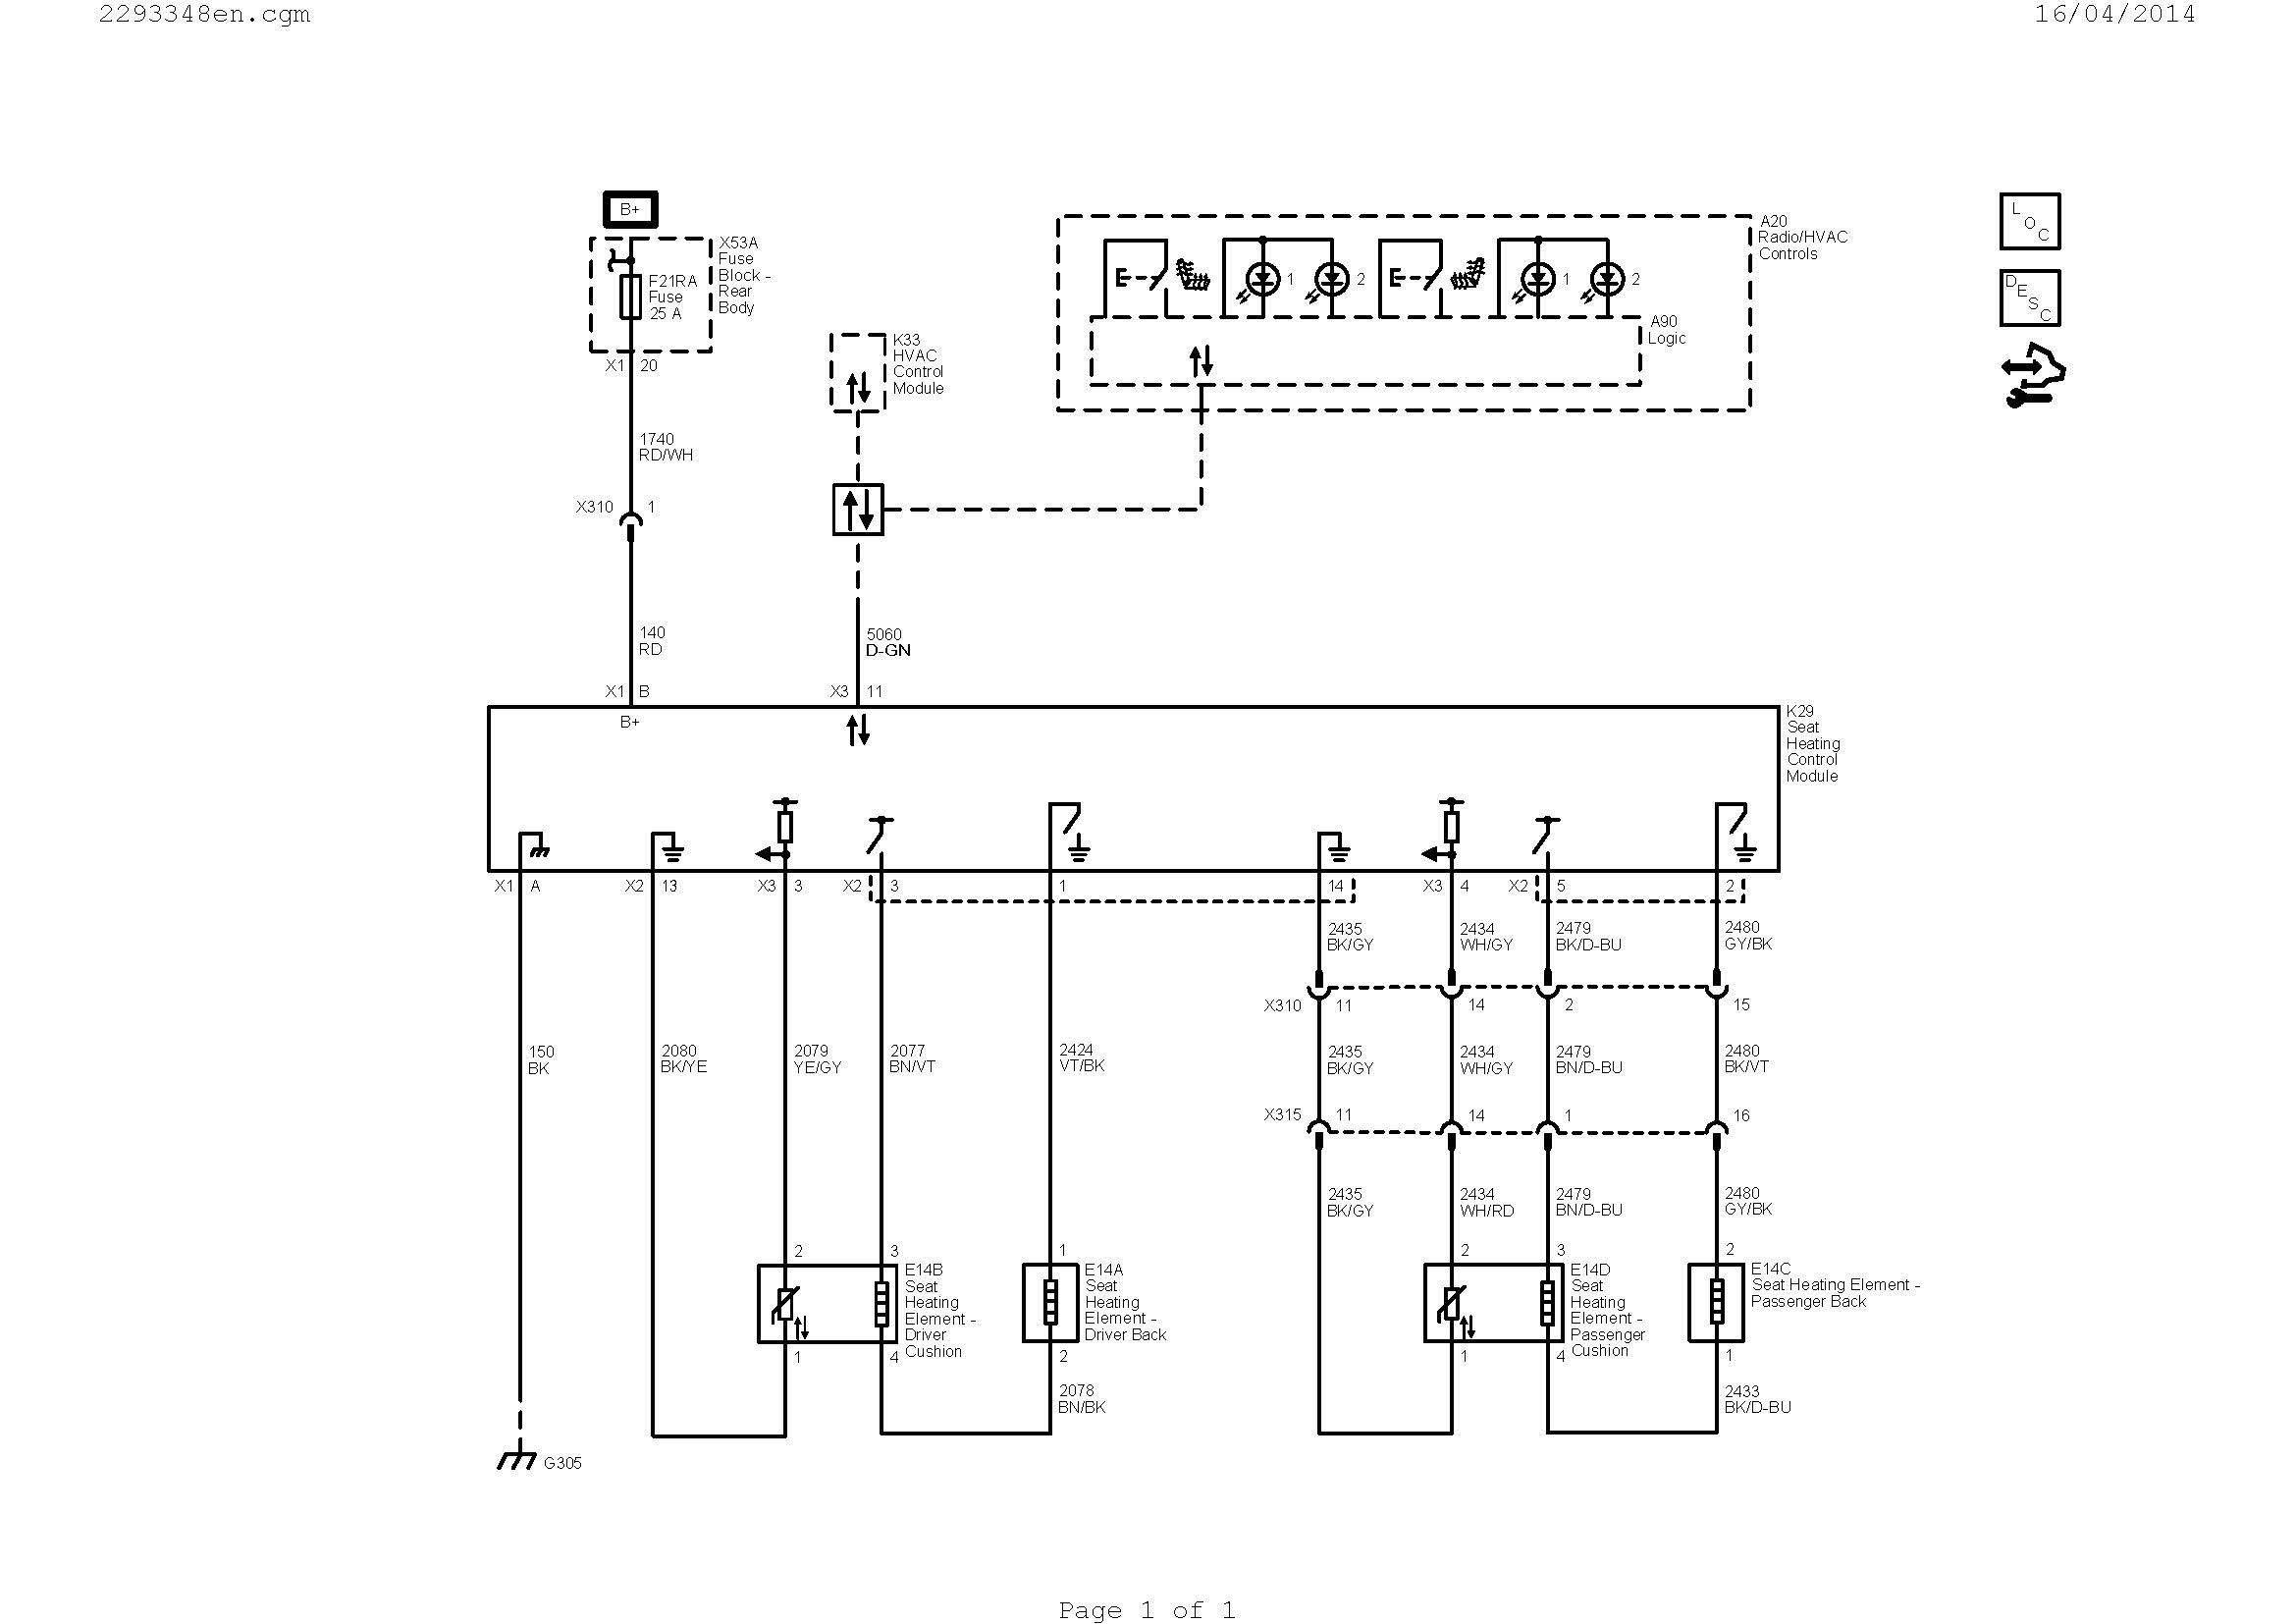 small resolution of c70 wiring diagram wiring diagrams rh 42 crocodilecruisedarwin com volvo v70 wiring diagram 2004 volvo v70 wiring diagram 1998